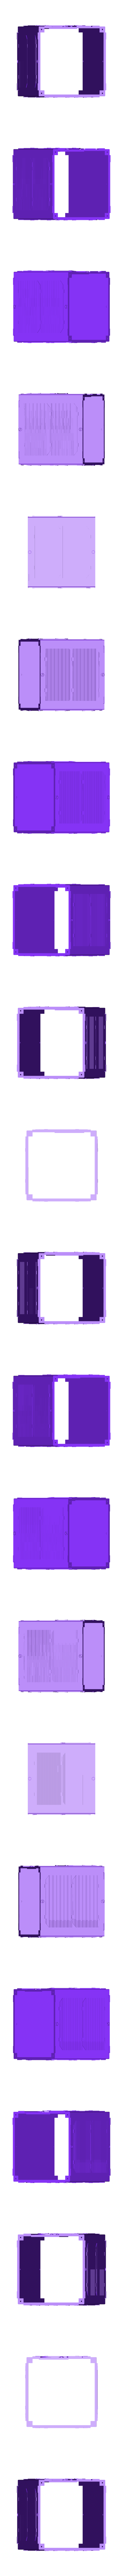 CubeSat middle.STL Télécharger fichier STL gratuit CubeSat • Design à imprimer en 3D, spac3D